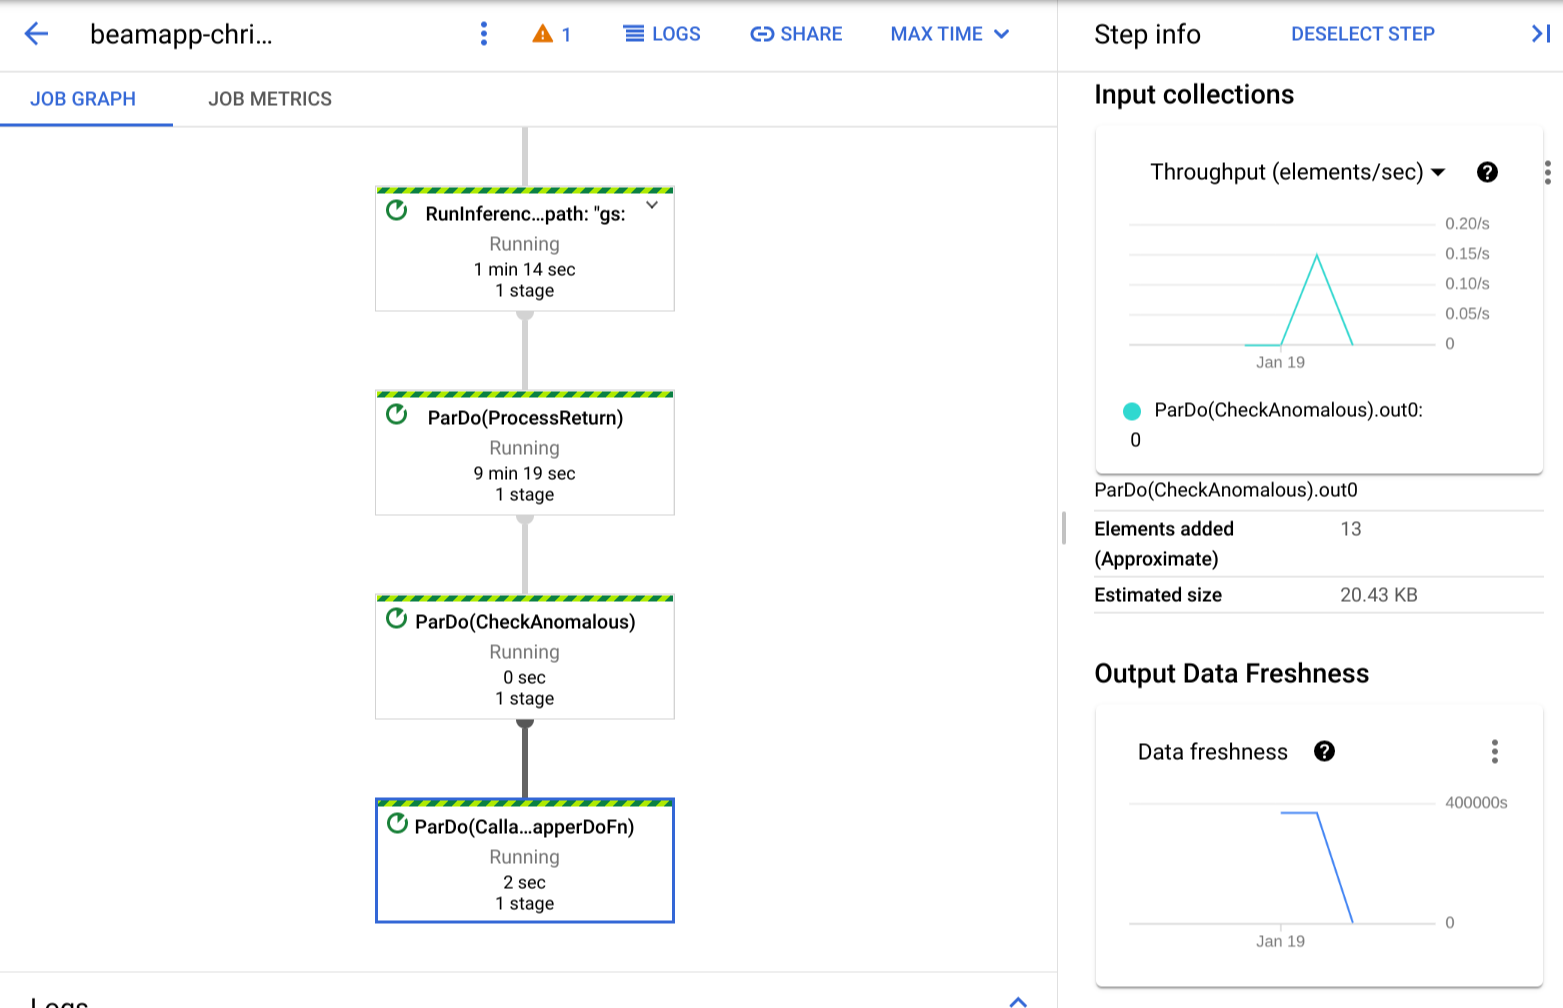 Métricas de entrada y salida para la canalización de Dataflow que procesan los datos de series temporales.